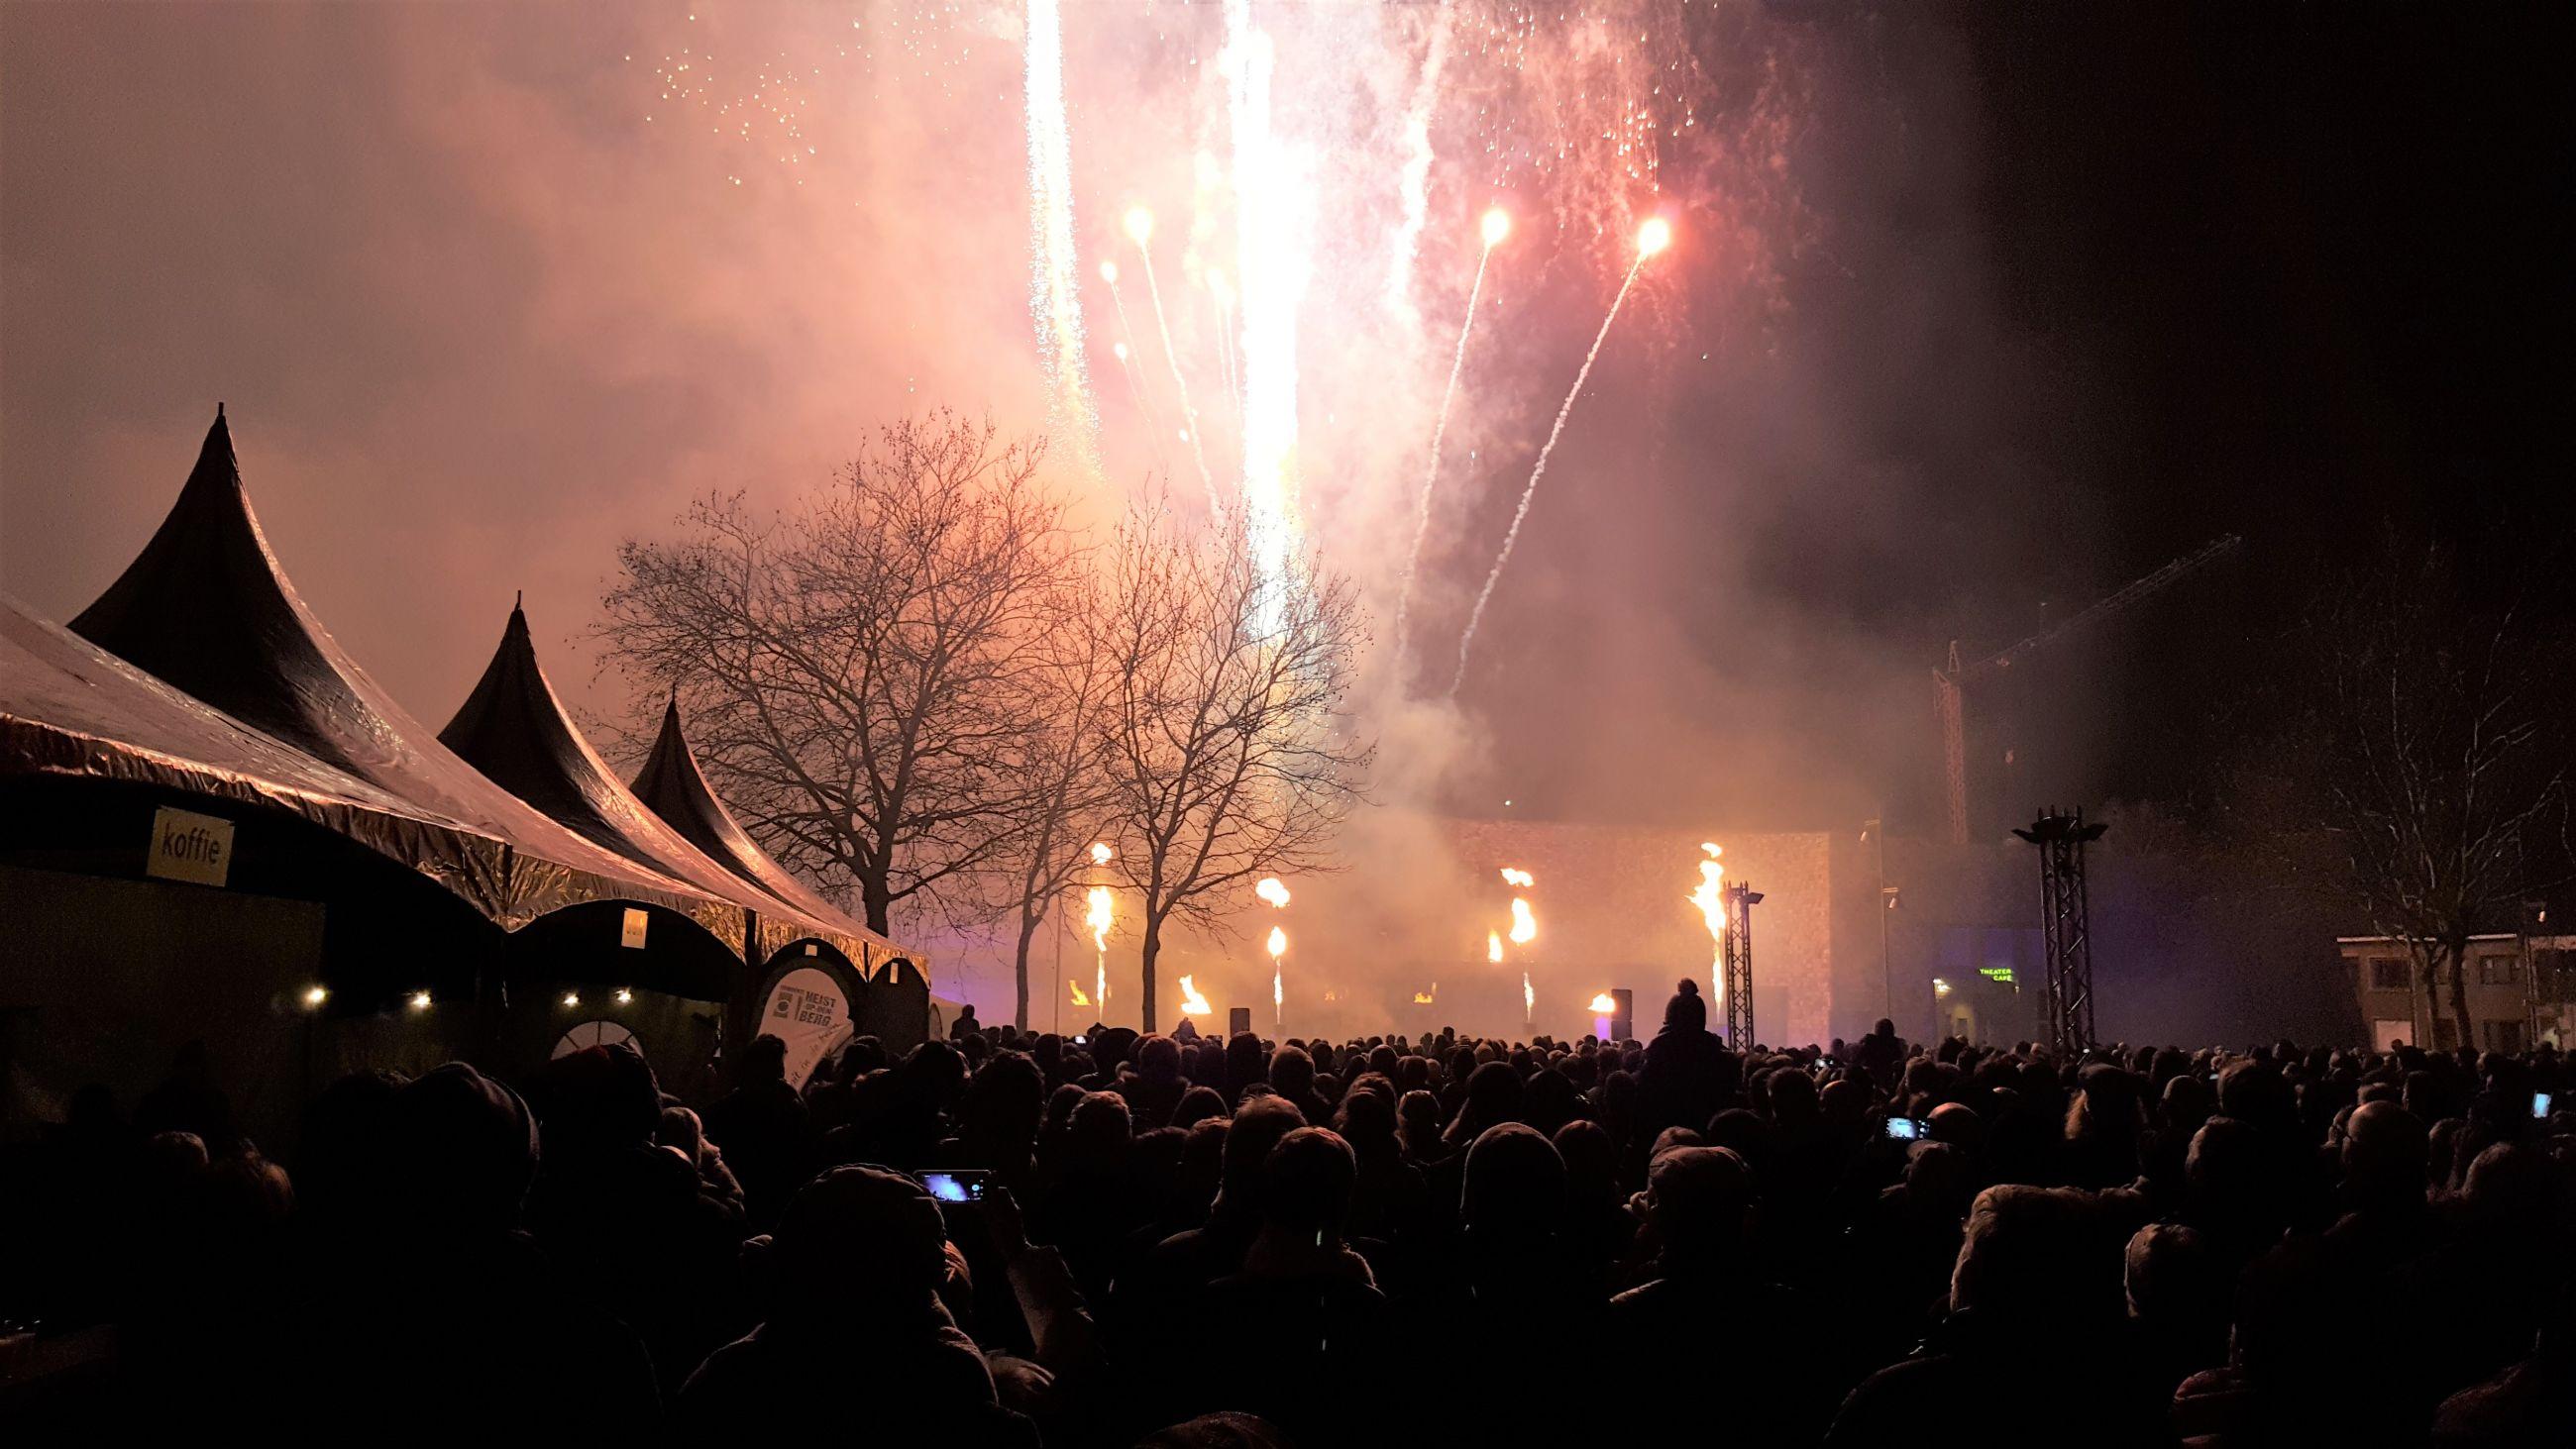 Nieuwjaarsvuurwerk met veel 'vuur', mogelijk ook op eerste gemeenteraad